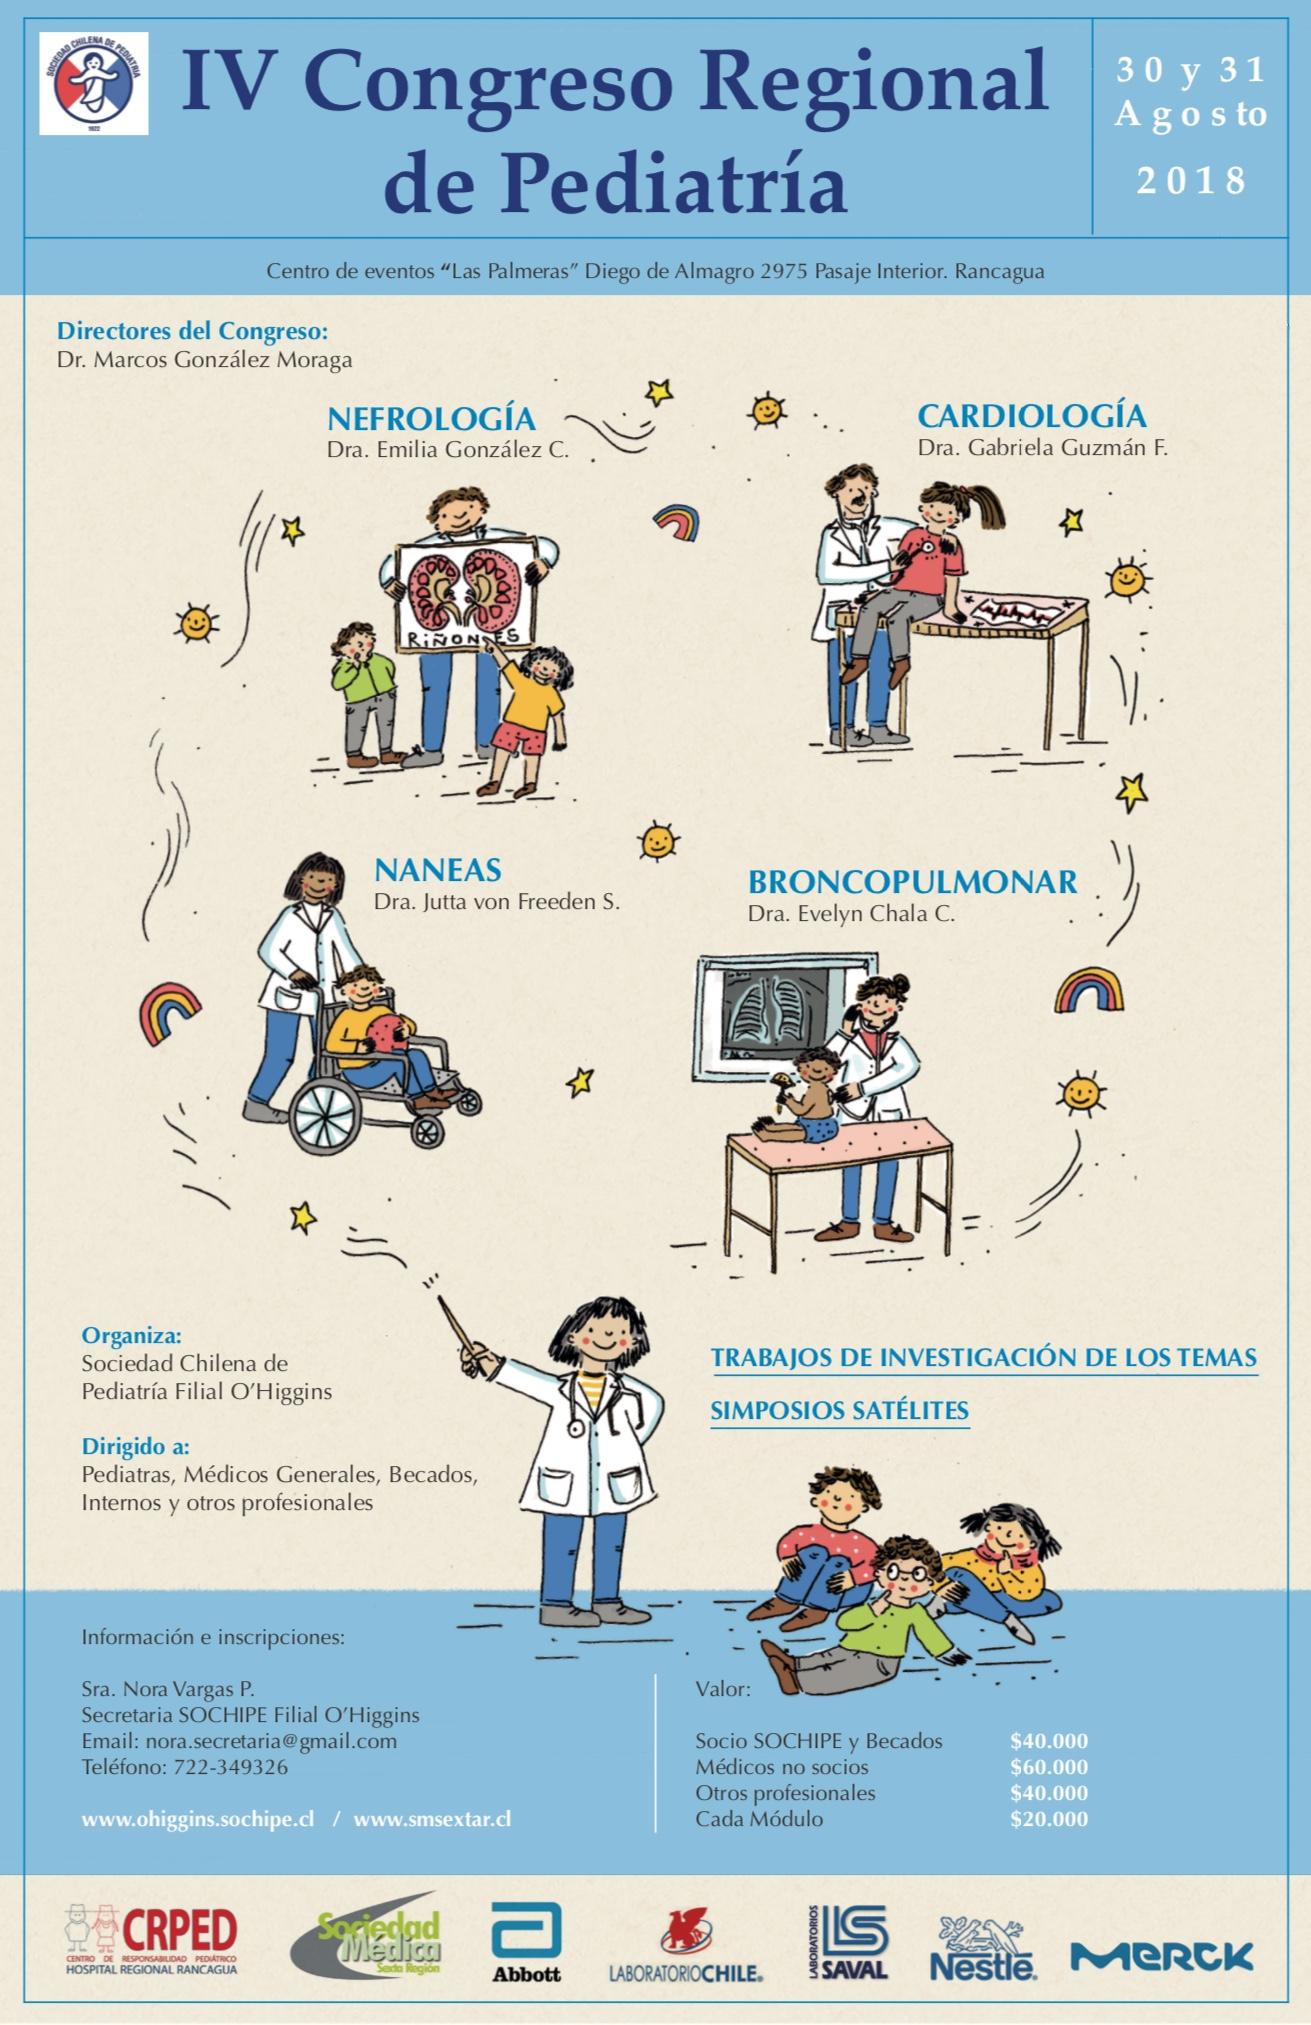 IV Congreso Regional de Pediatría 2018